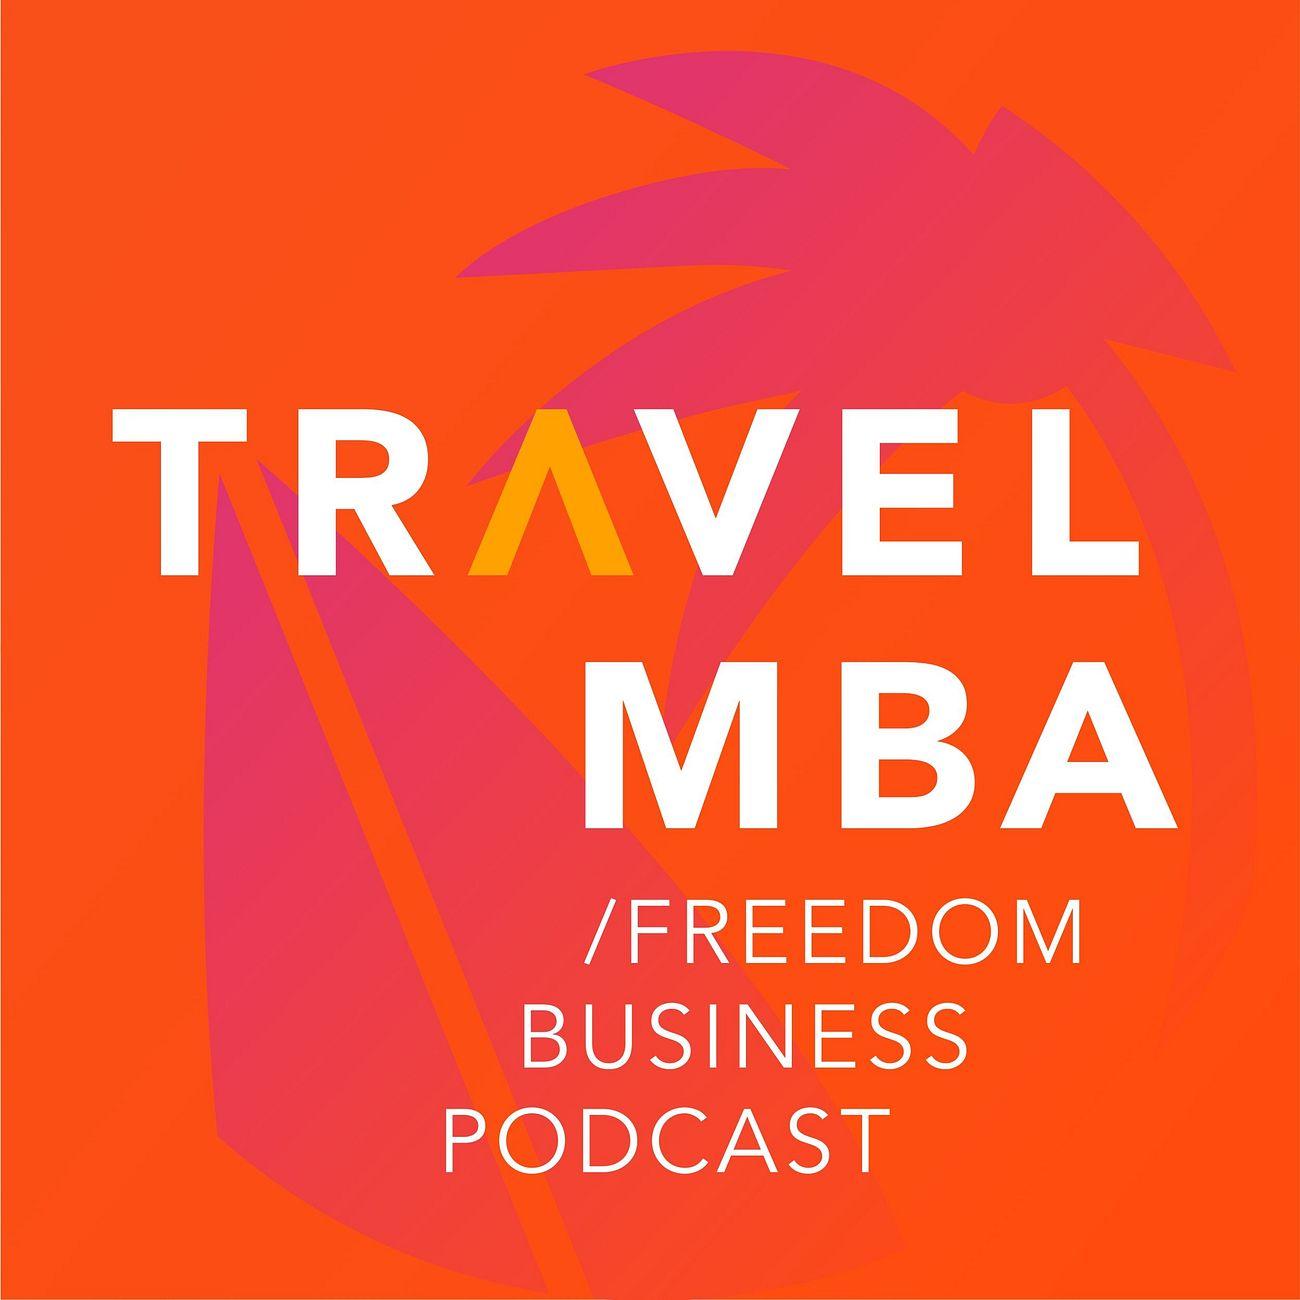 Travel MBA - Лайфстайл Онлайн Бизнес и Путешествия